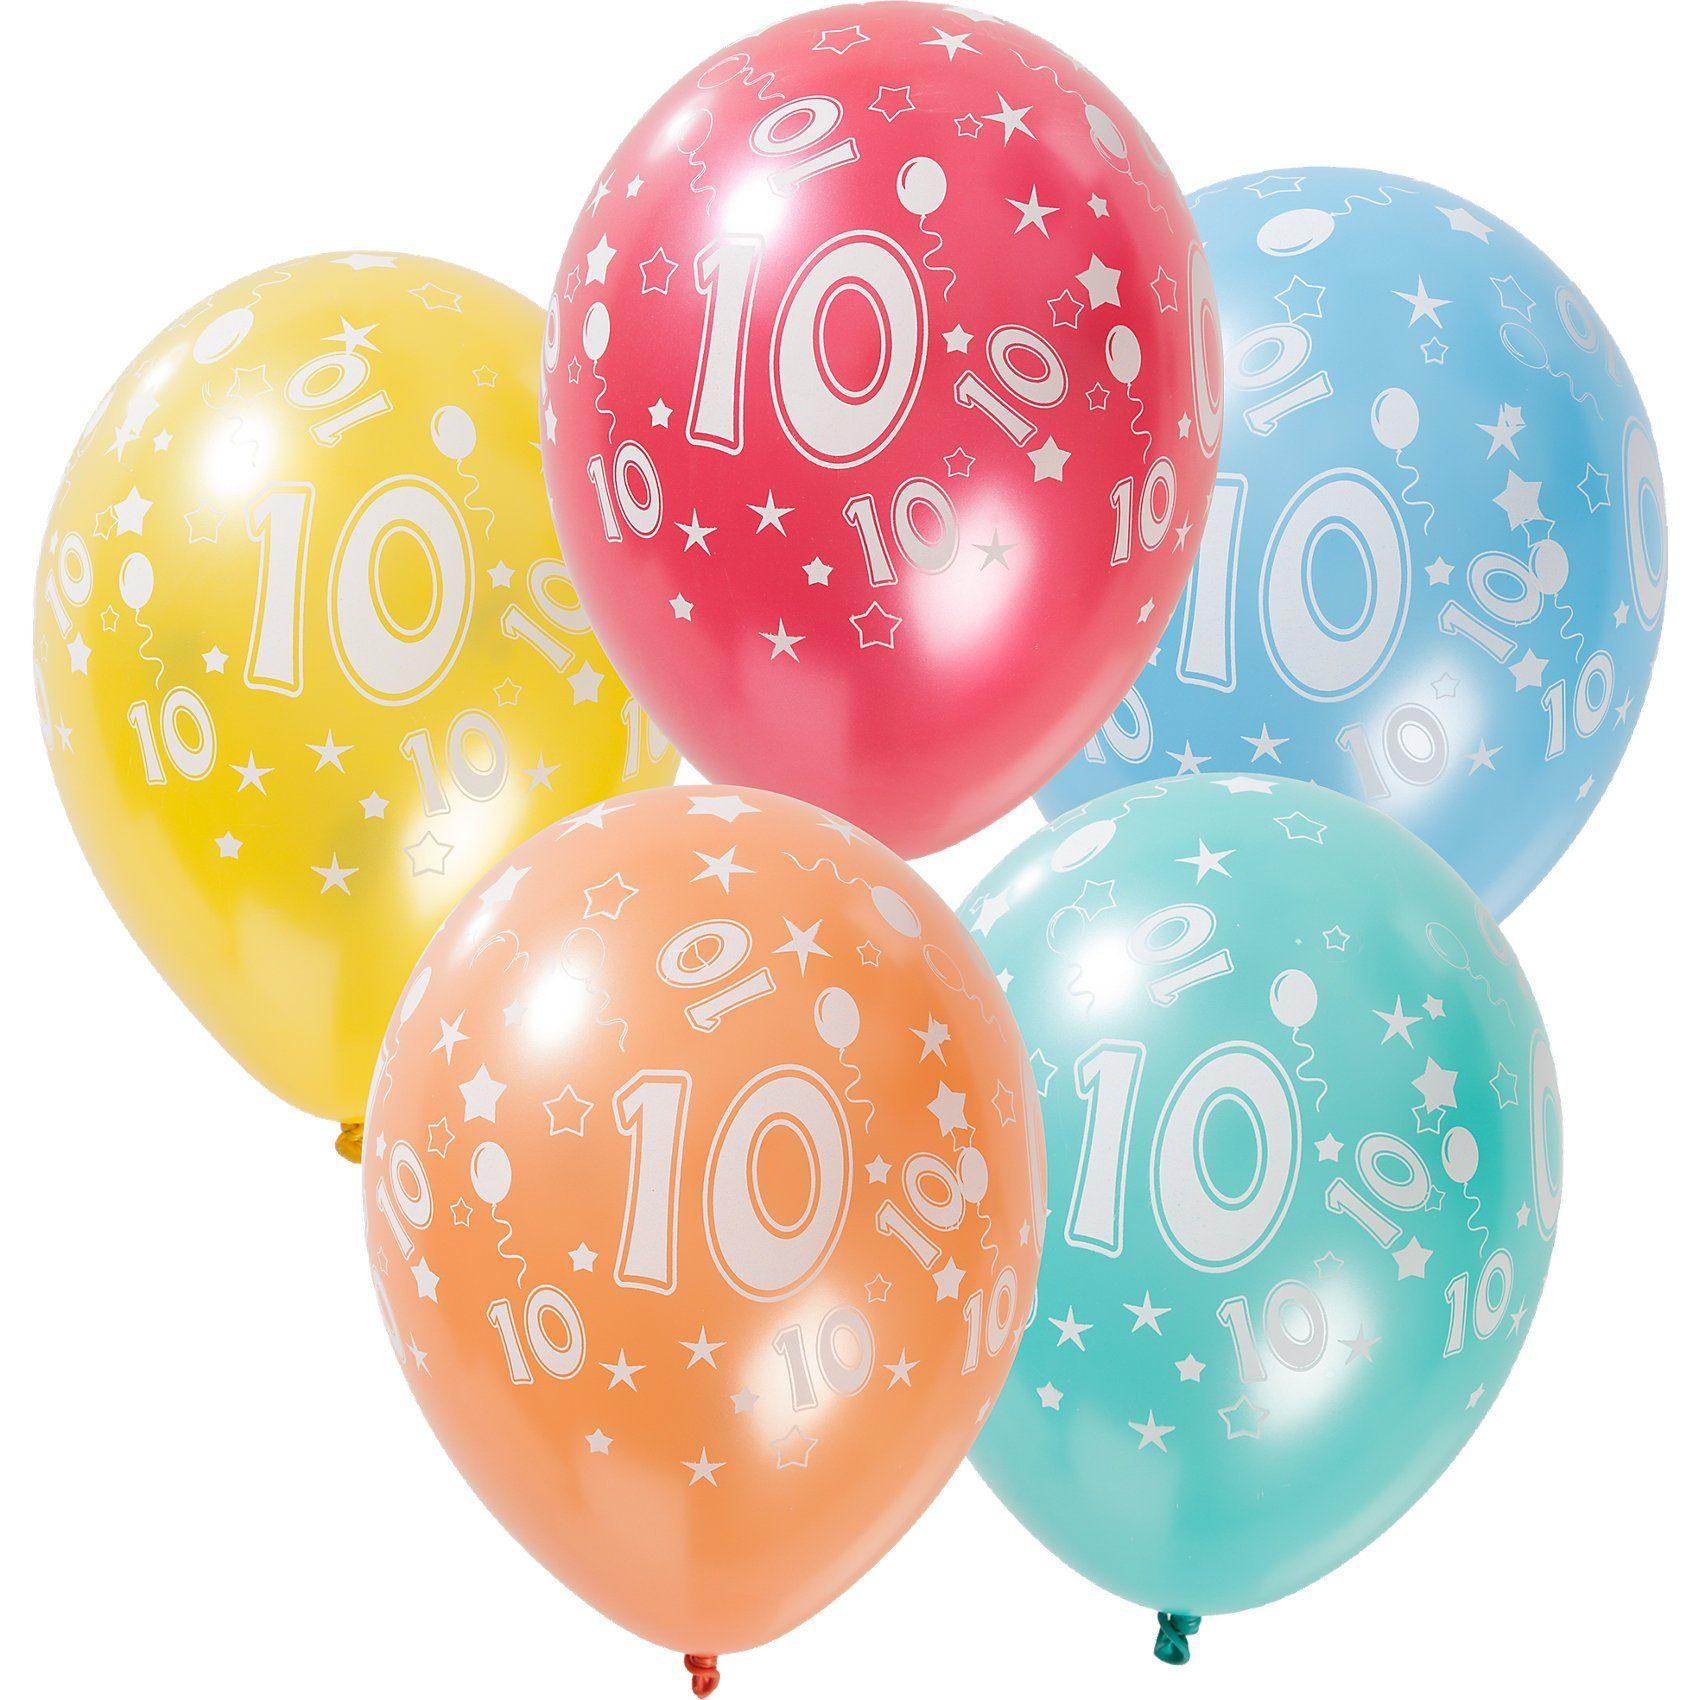 Zahlenluftballon 10, 5 Stück